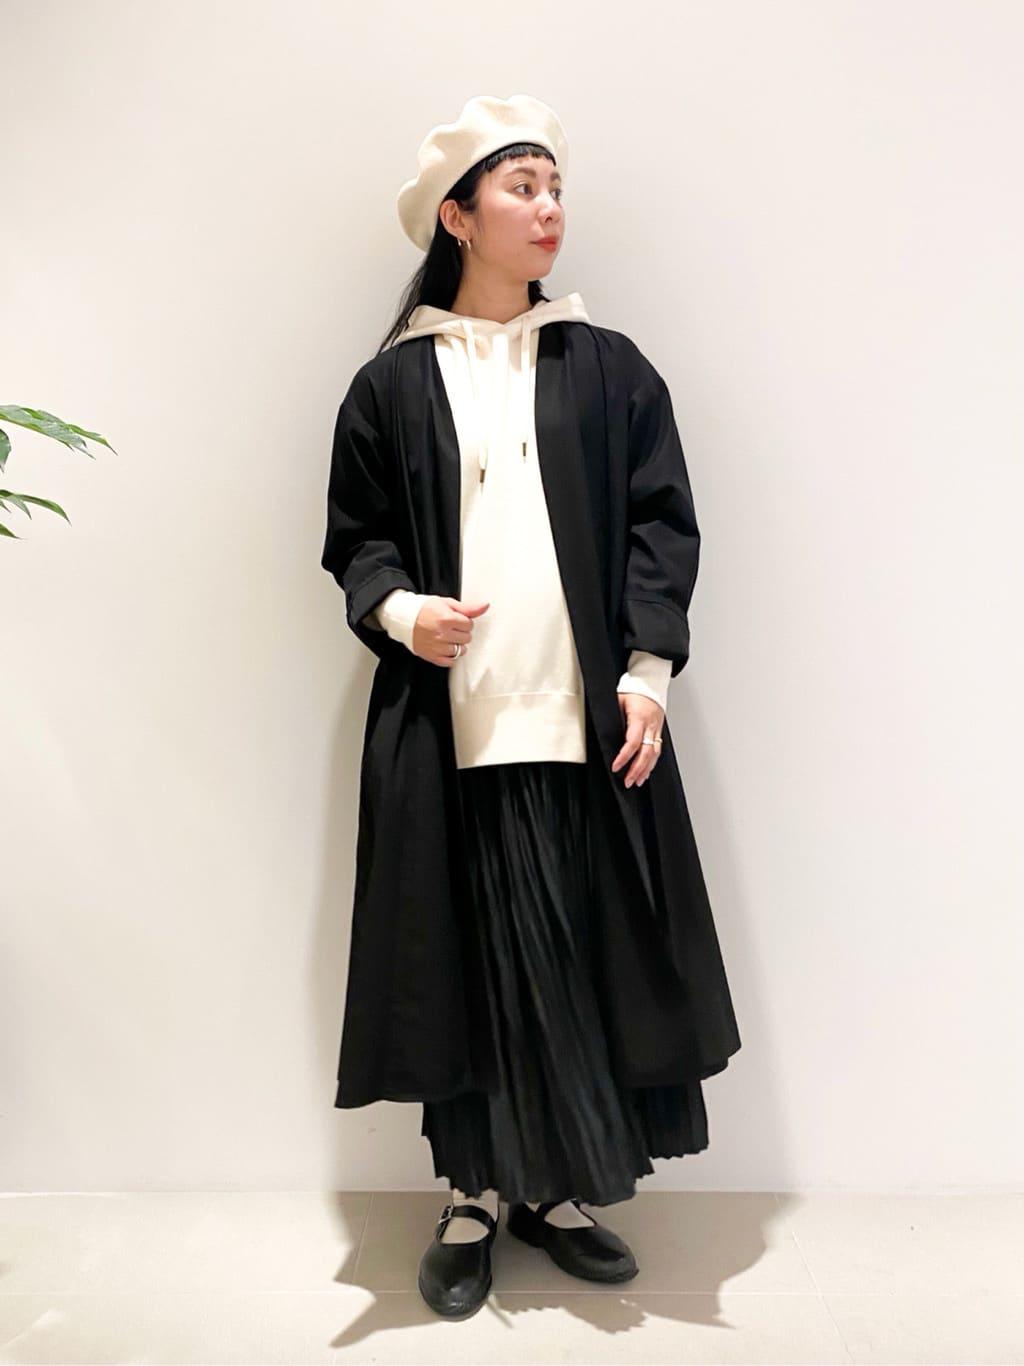 yuni 二子玉川ライズ 身長:154cm 2021.09.13